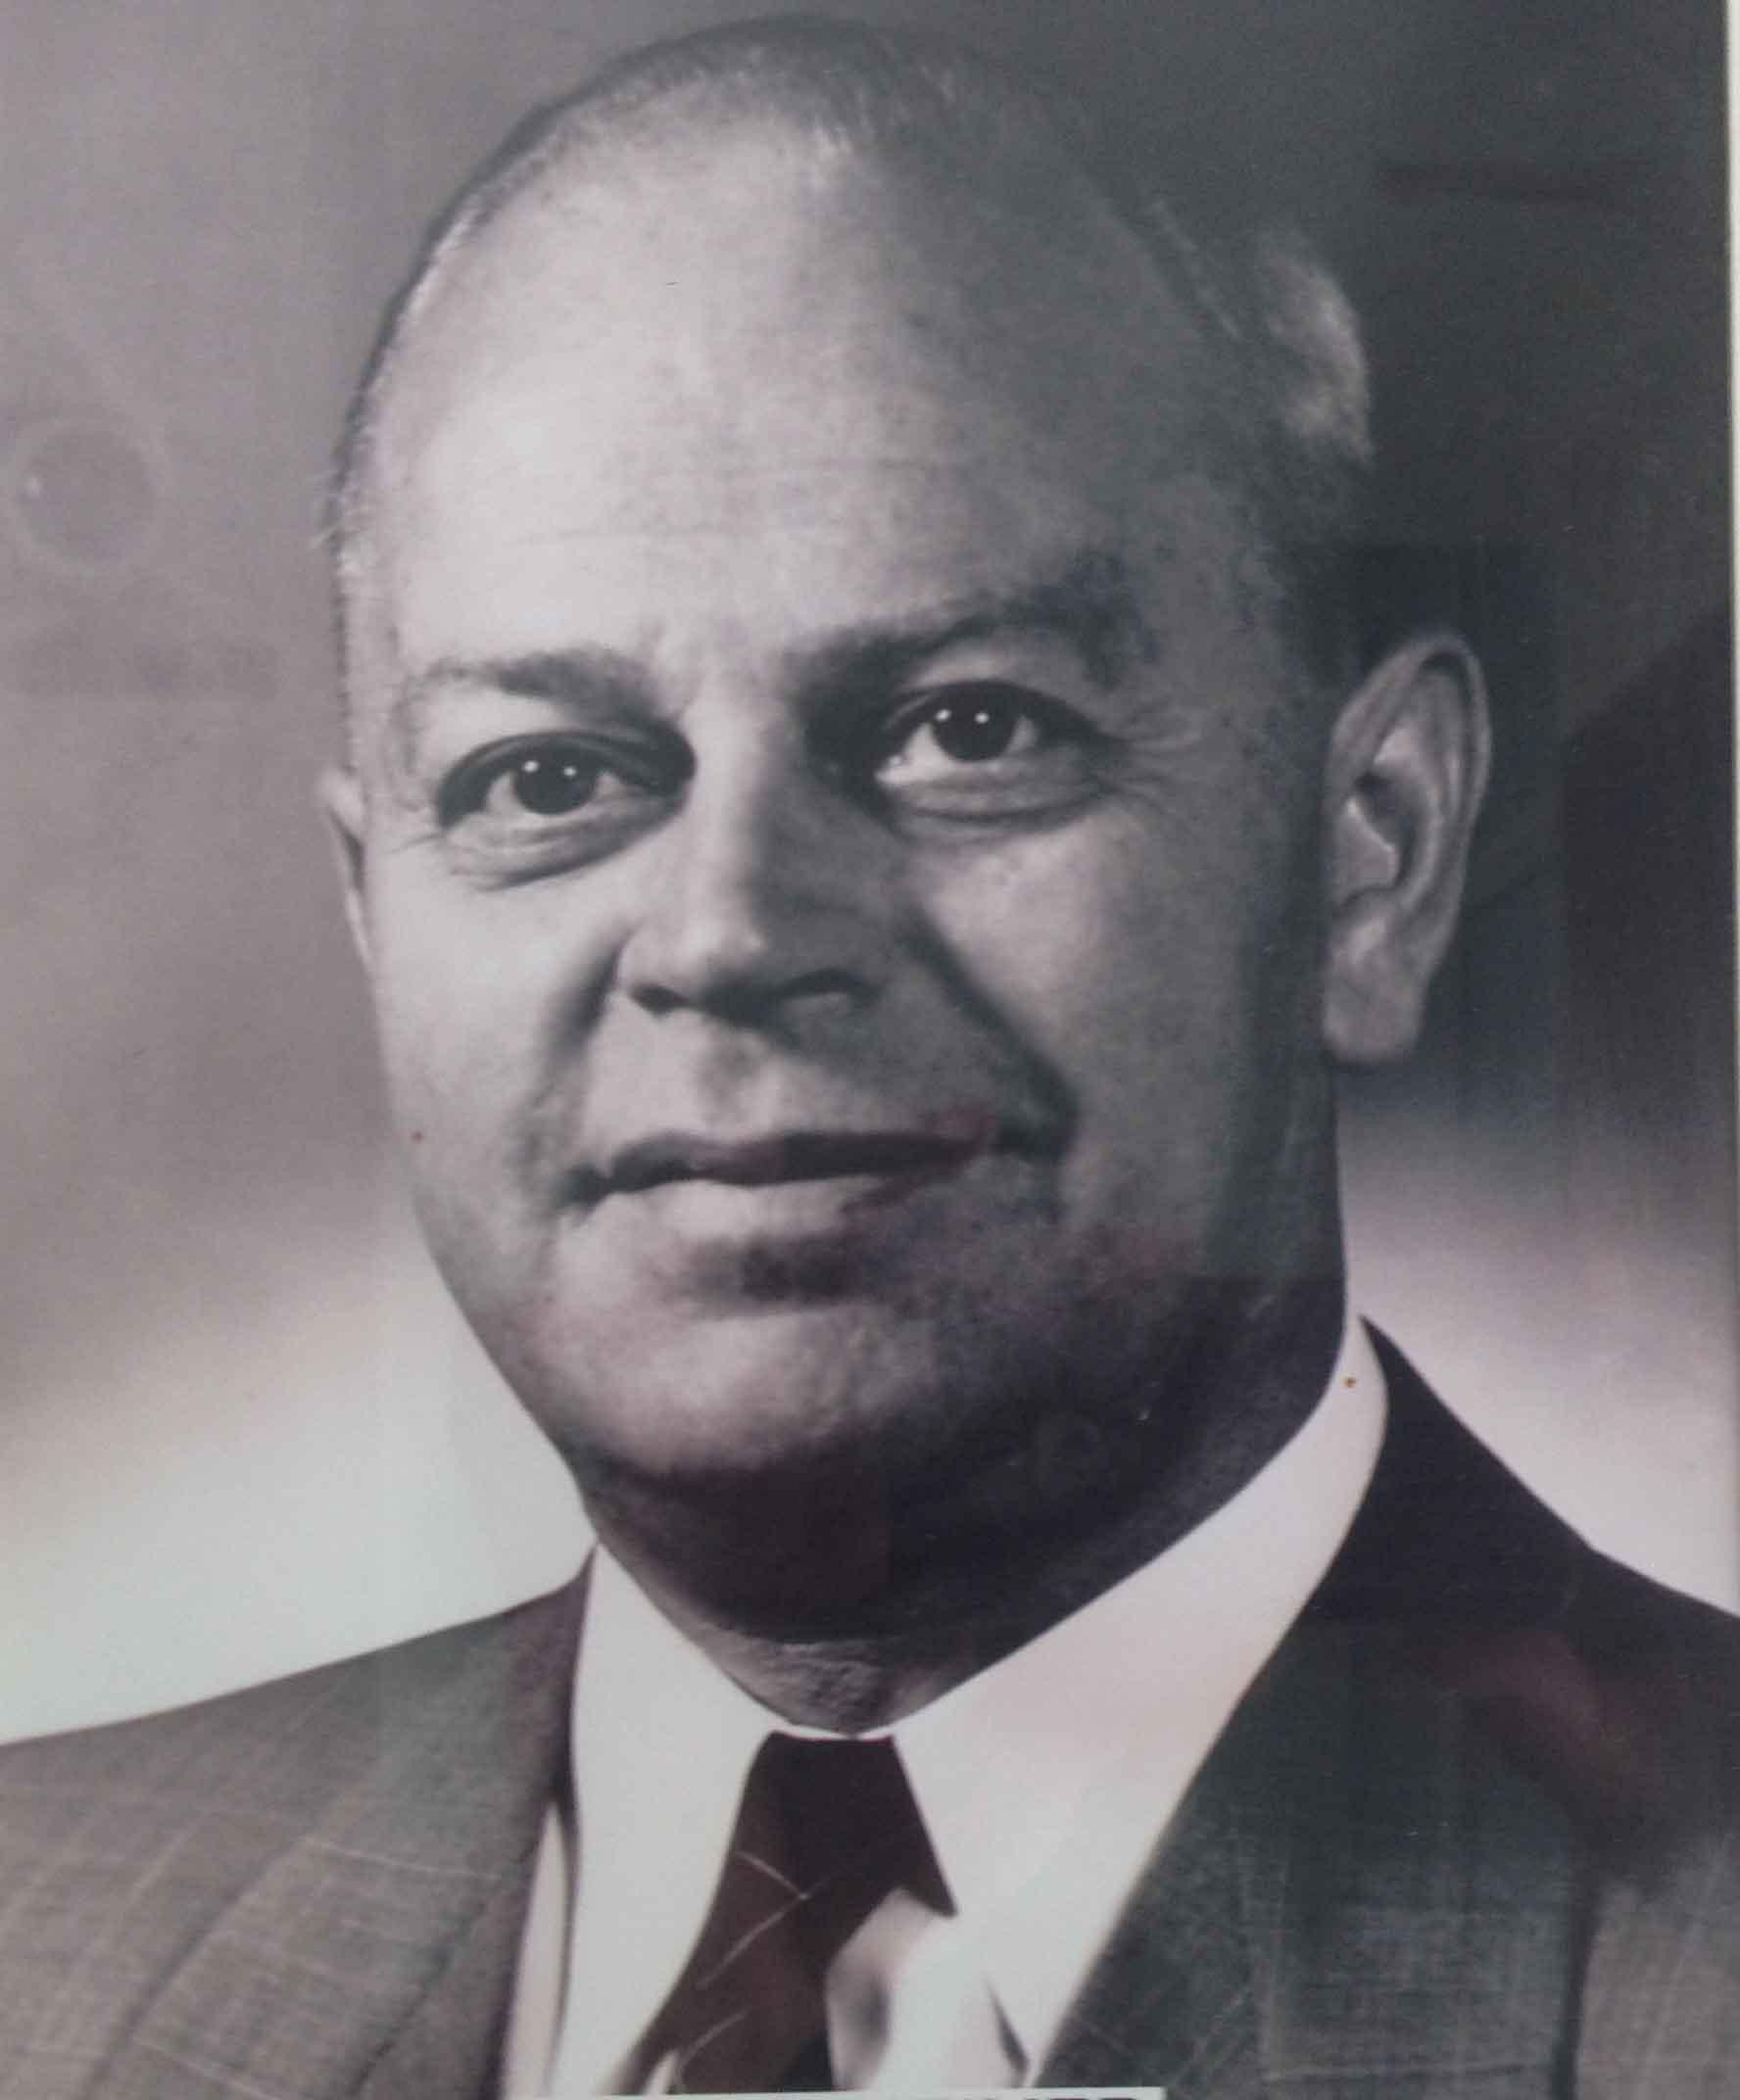 W.A. Dexheimer